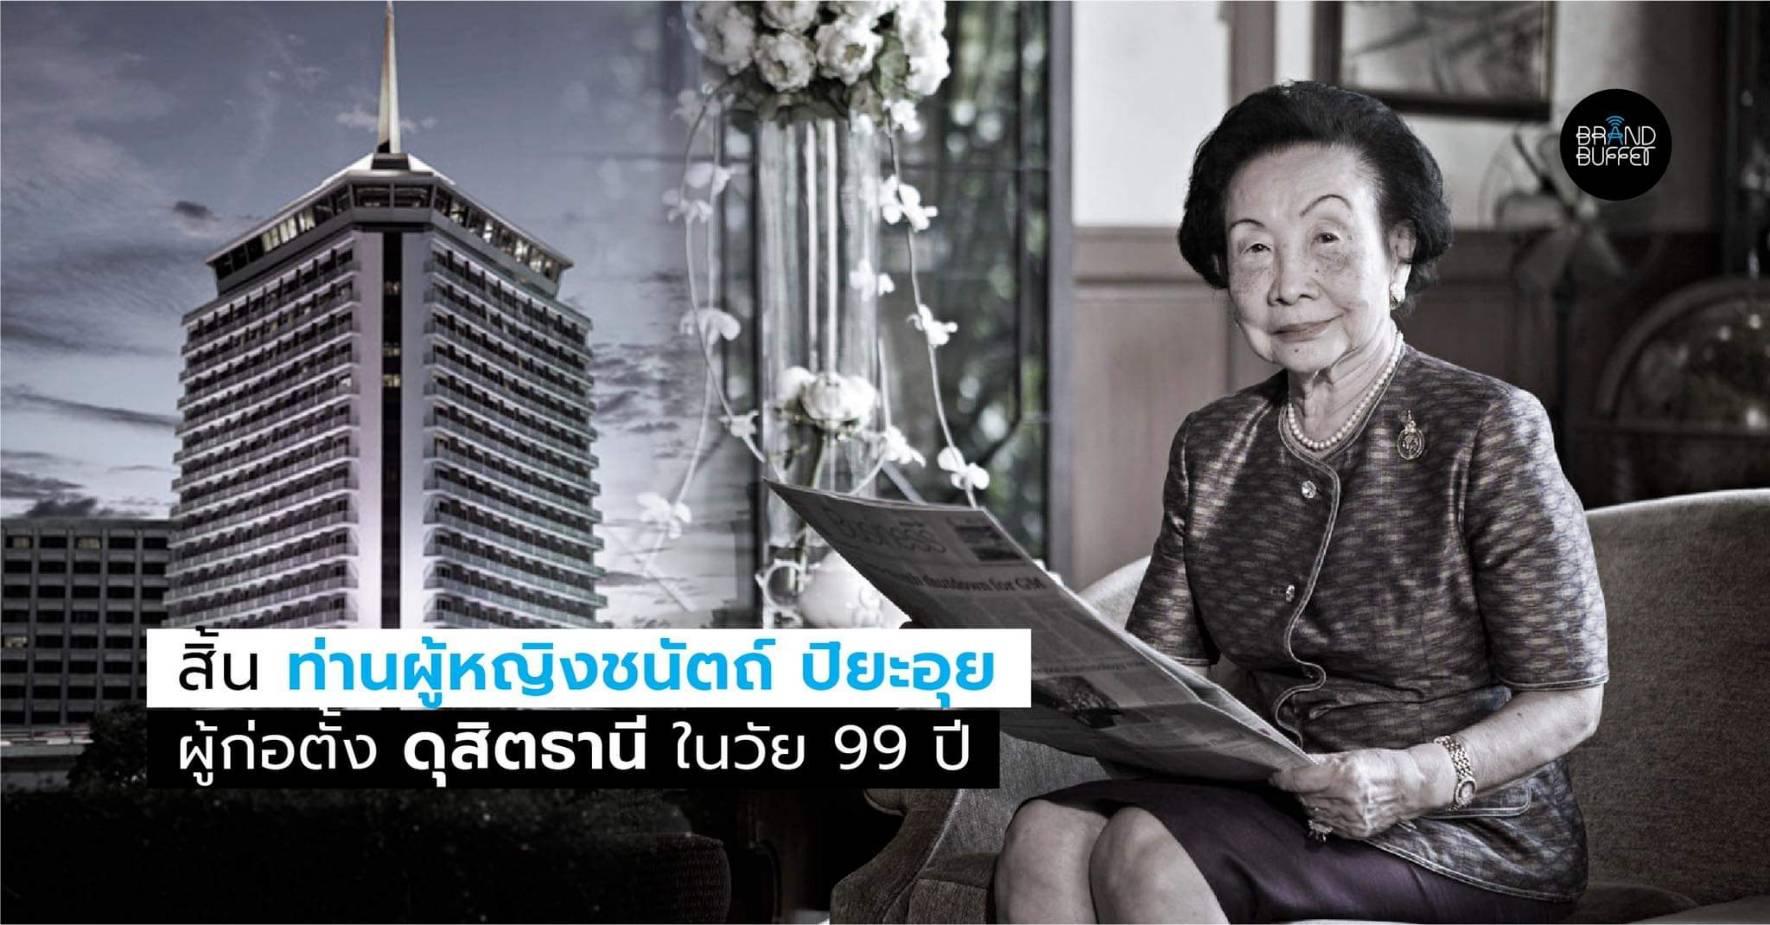 """ปิดตำนาน """"ท่านผู้หญิงชนัตถ์ ปิยะอุย"""" ผู้ก่อตั้งดุสิตธานี ในวัย 99 ปี"""